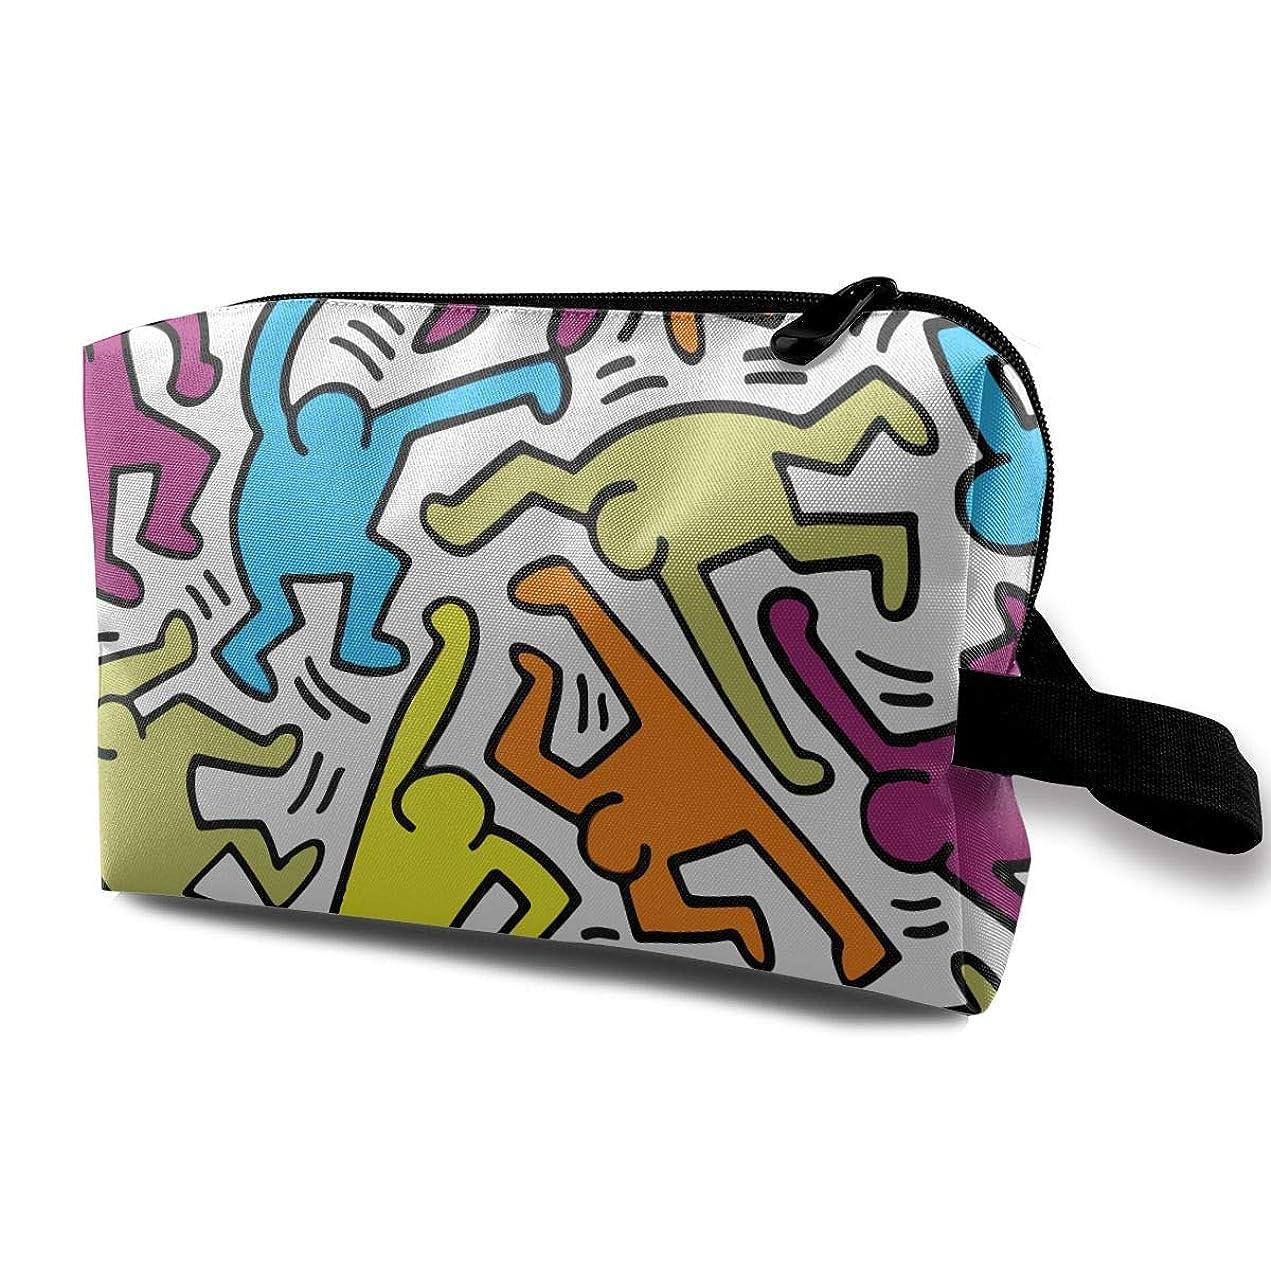 子犬ショッピングセンター粗いアート プリント Keith Haring カラフル 化粧ポーチ メイクポーチ コスメケース 洗面用具入れ 小物入れ 大容量 化粧品収納 コスメ 出張 海外 旅行バッグ 普段使い 軽量 防水 持ち運び